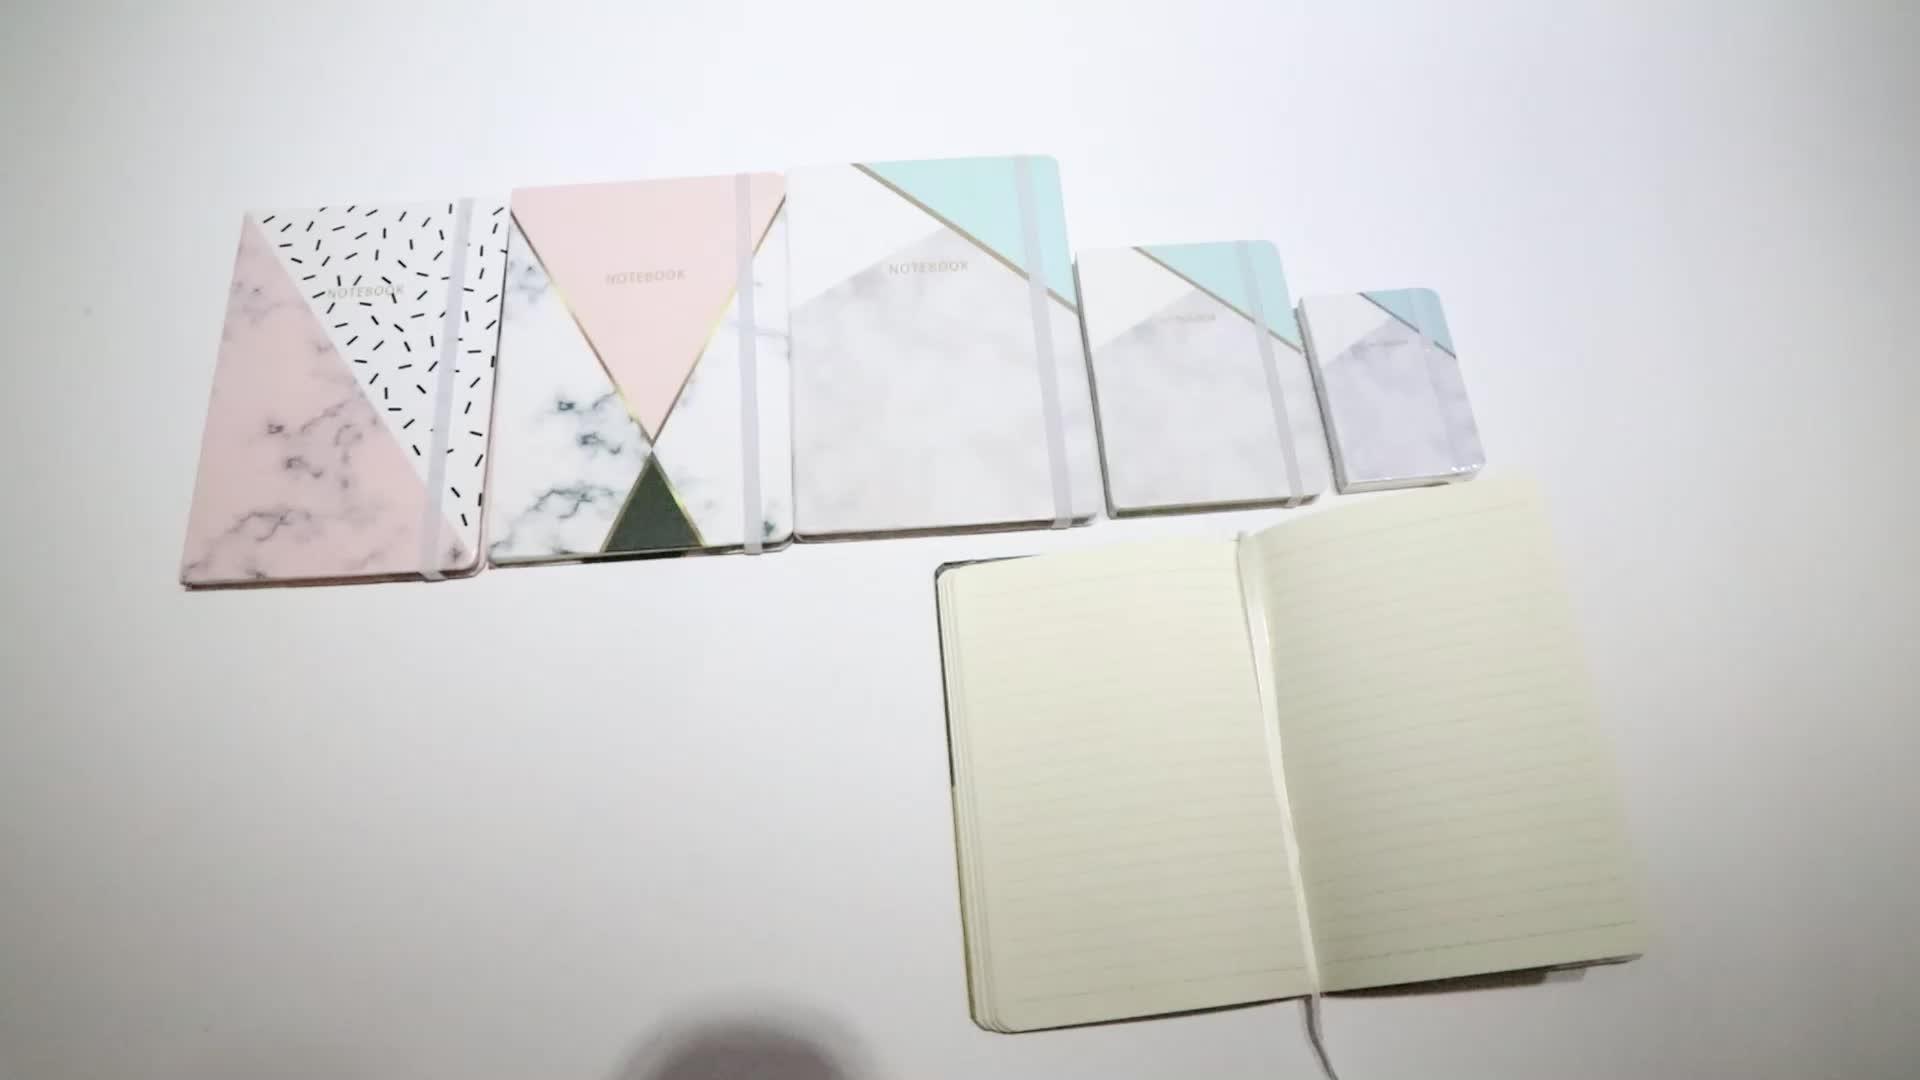 Fabbrica direttamente che vende personalizzato notebook produttore marmo notebook